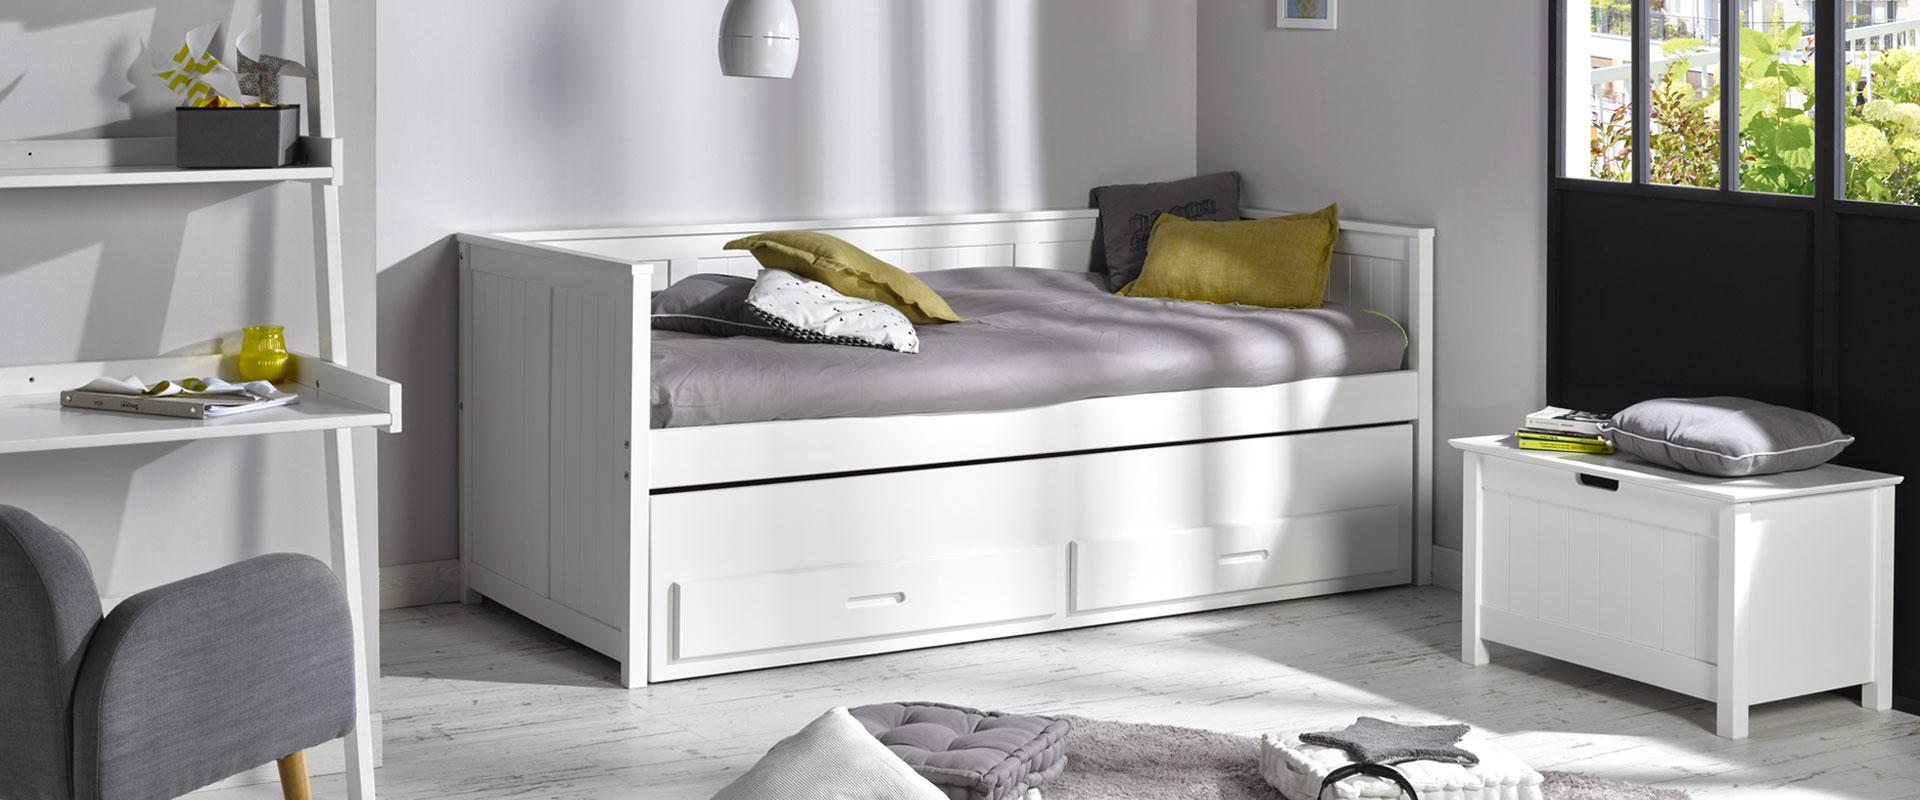 sogan france mobilier literie linge de lit. Black Bedroom Furniture Sets. Home Design Ideas